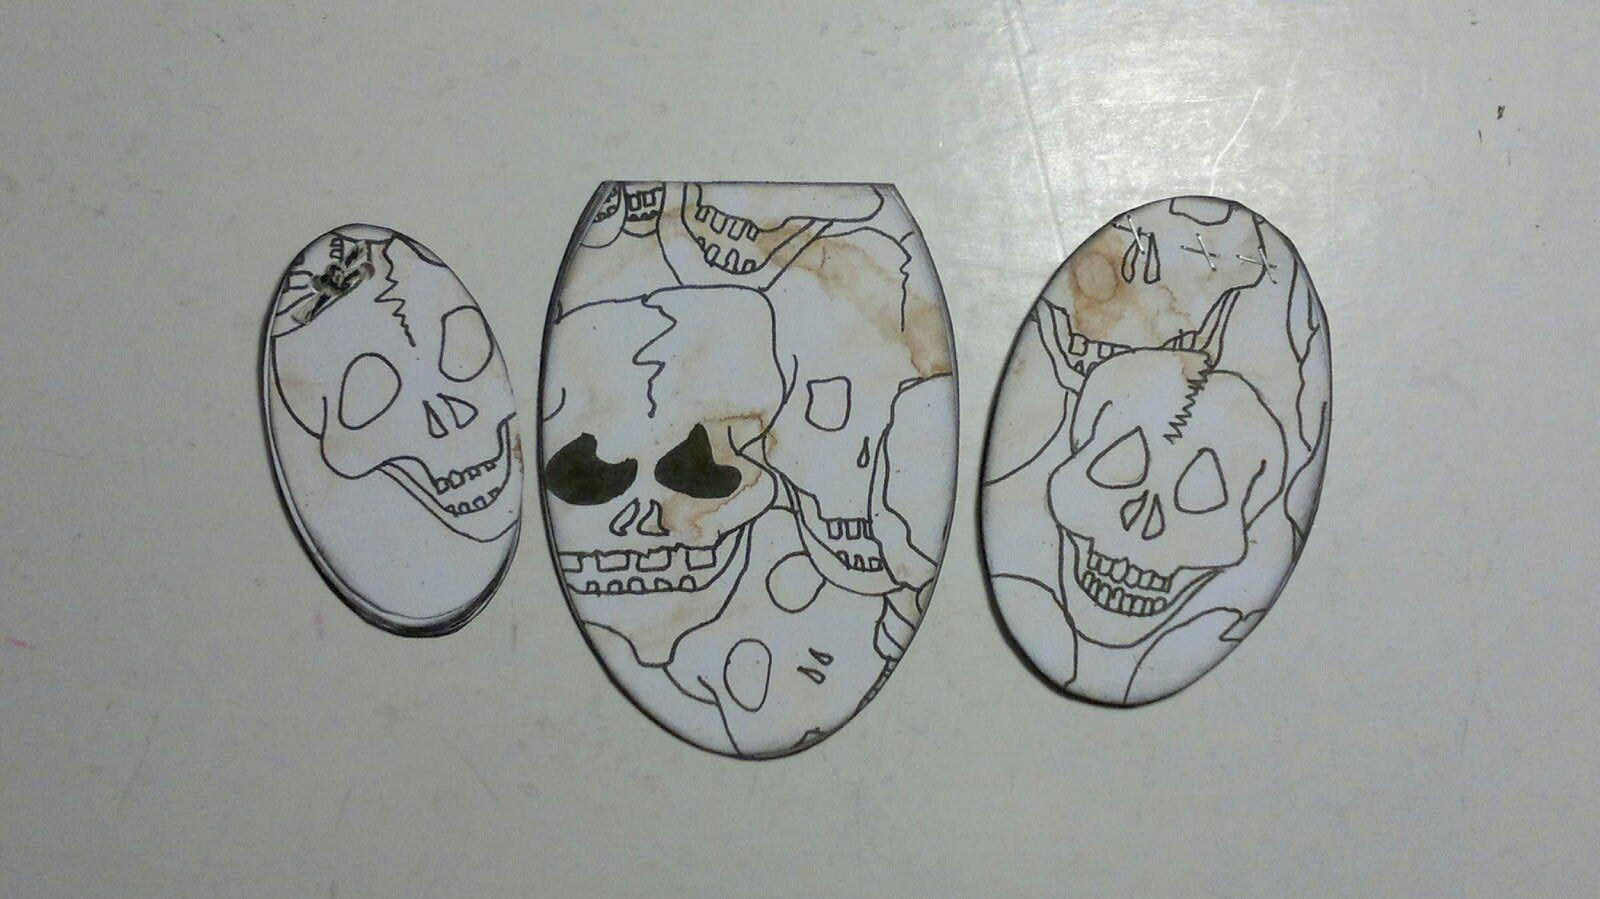 DIY Seje Æg Lav selv tegne blokke. Gratis kranie motiv og æg skabeloner download